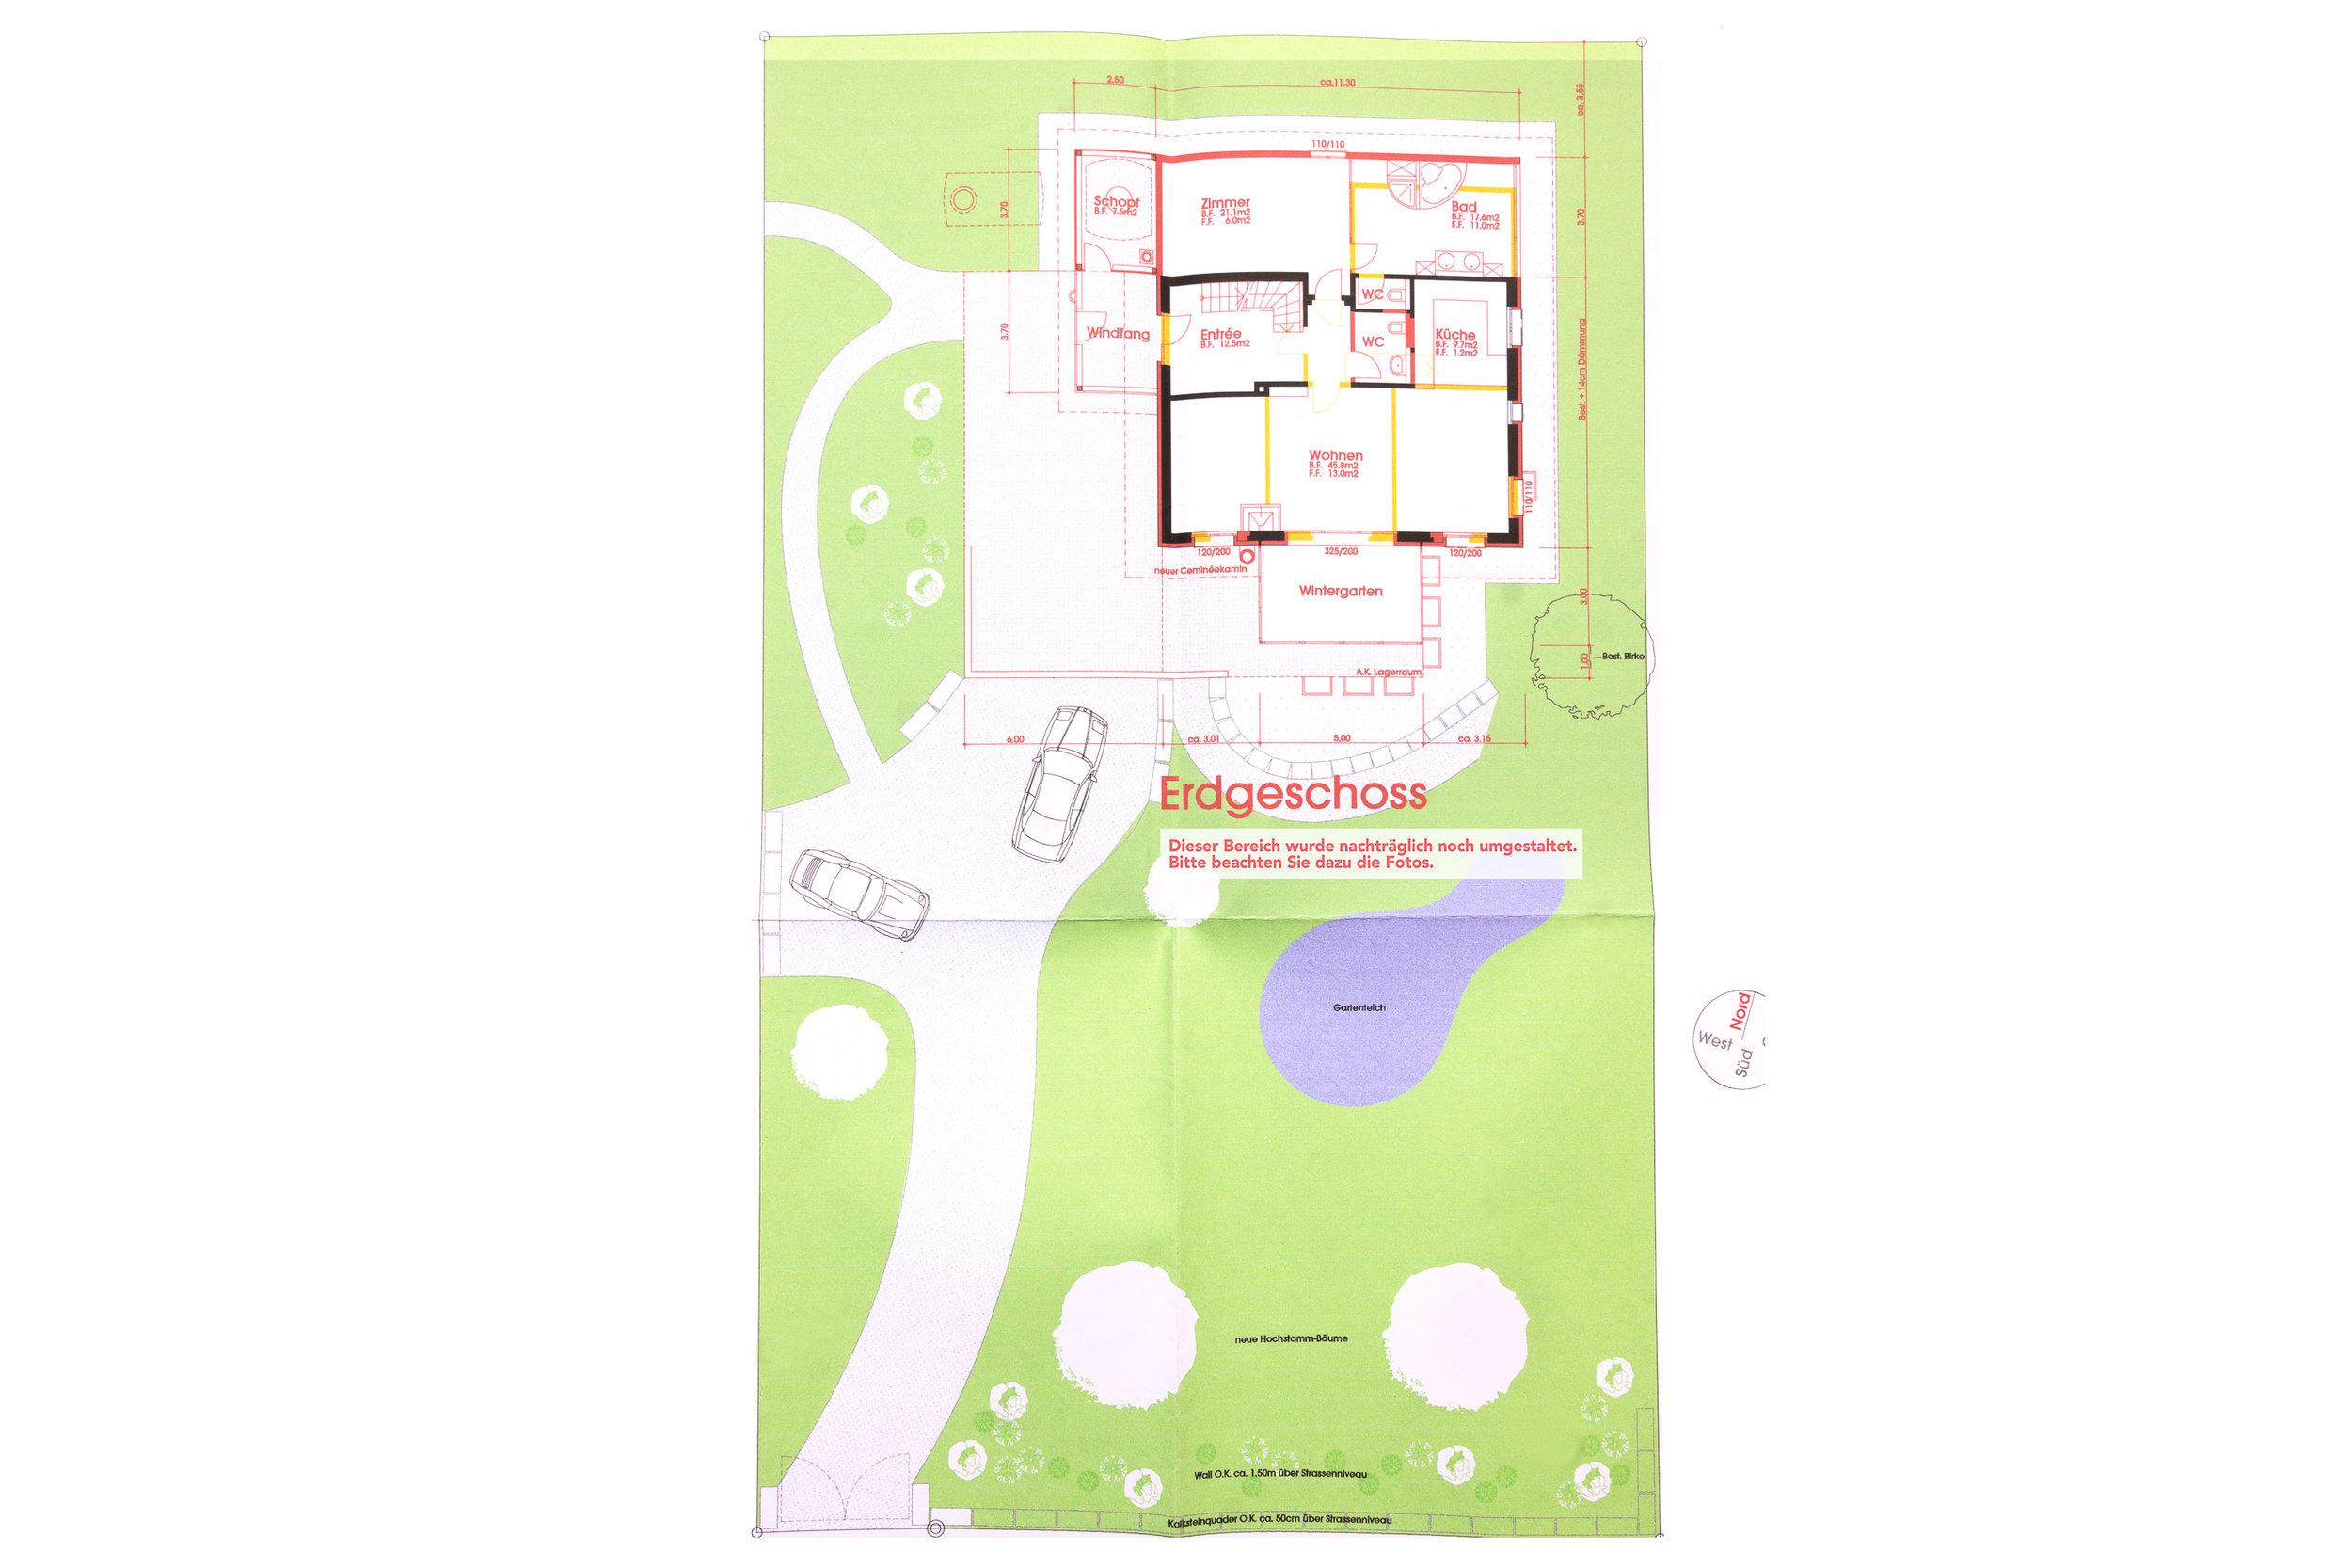 Dieser Plan zeigt das Grundstück und das Erdgeschoss. Der Gartenbereich wurde später noch umgestaltet. Bitte beachten Sie dazu die Fotos. Für eine vergrösserte Ansicht einfach auf den Plan klicken.